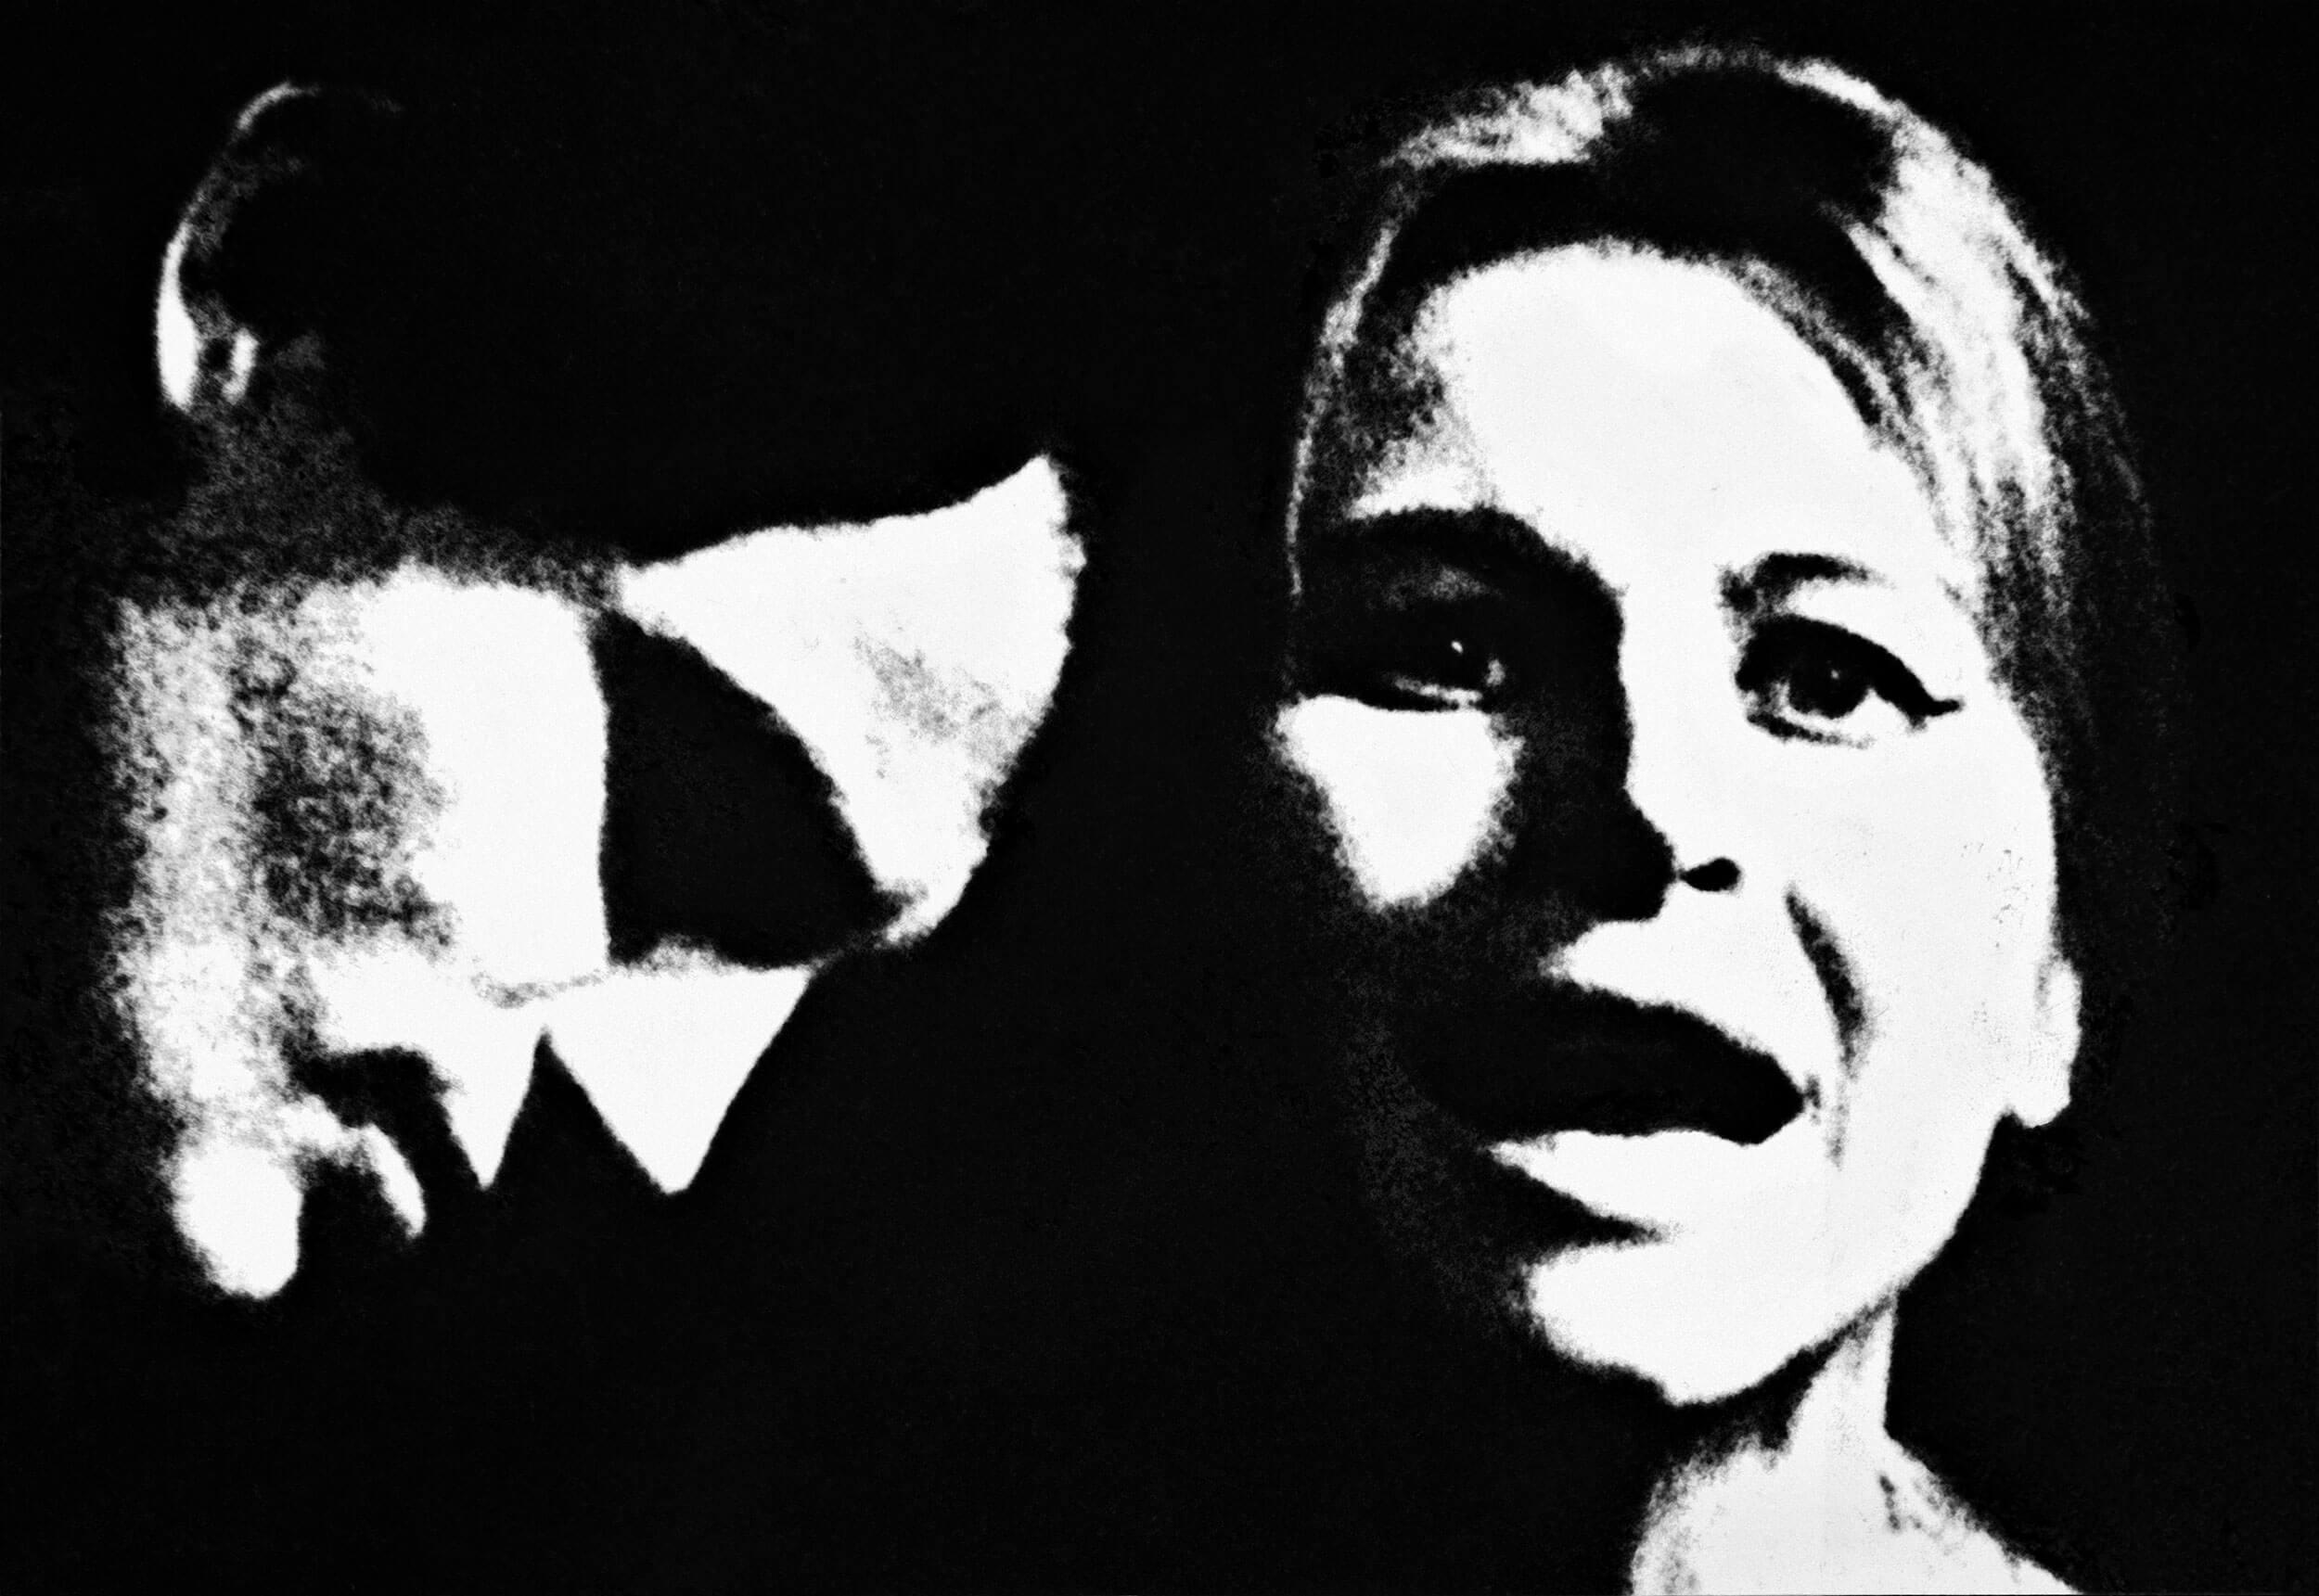 Koudelka-Theatre-delpire-co-5w